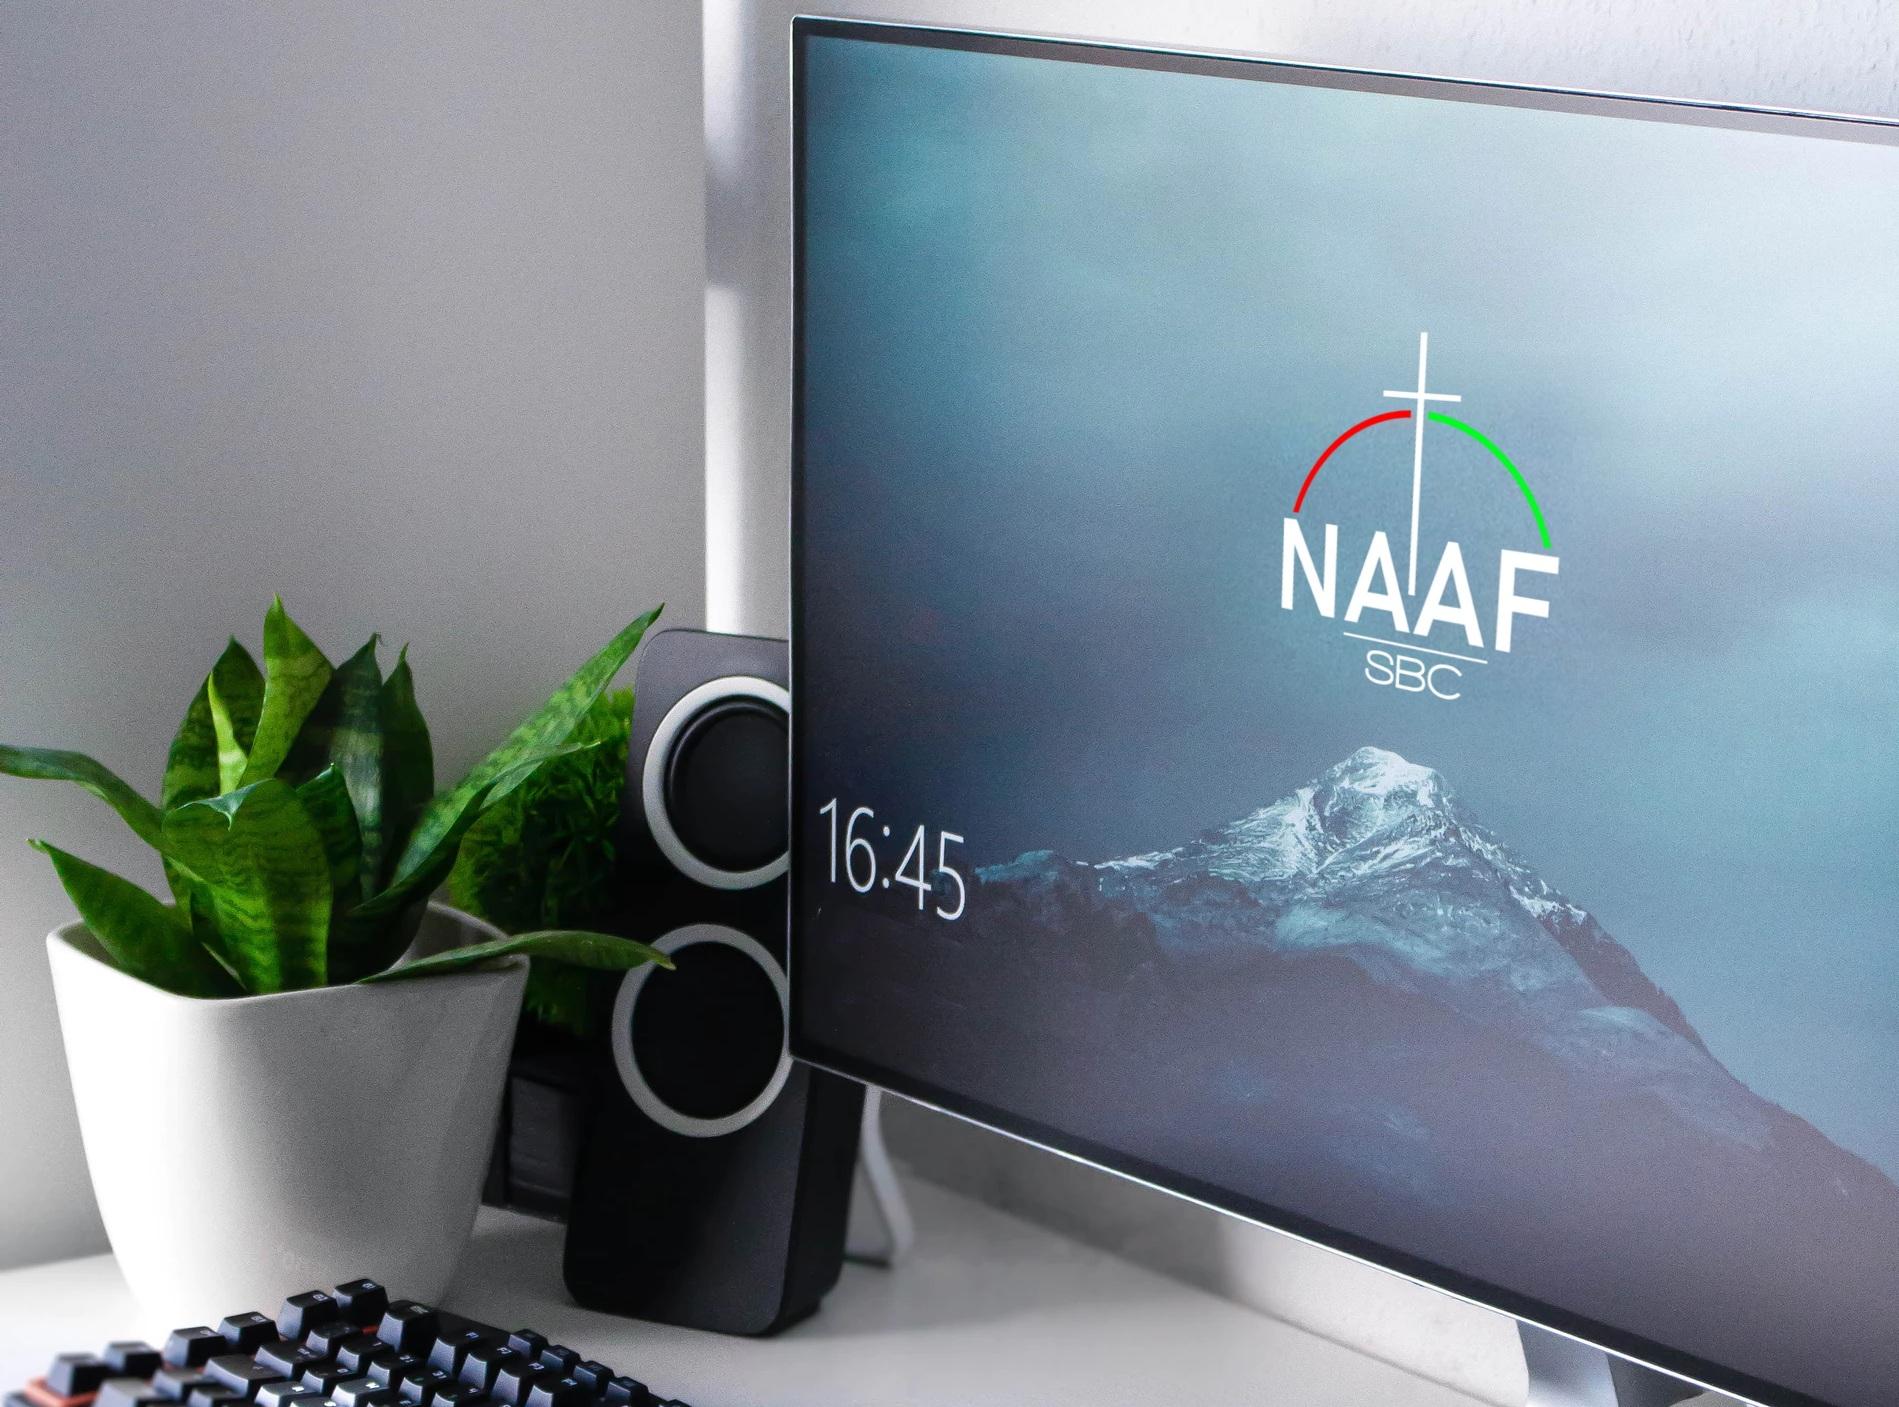 naaf_computer.jpg